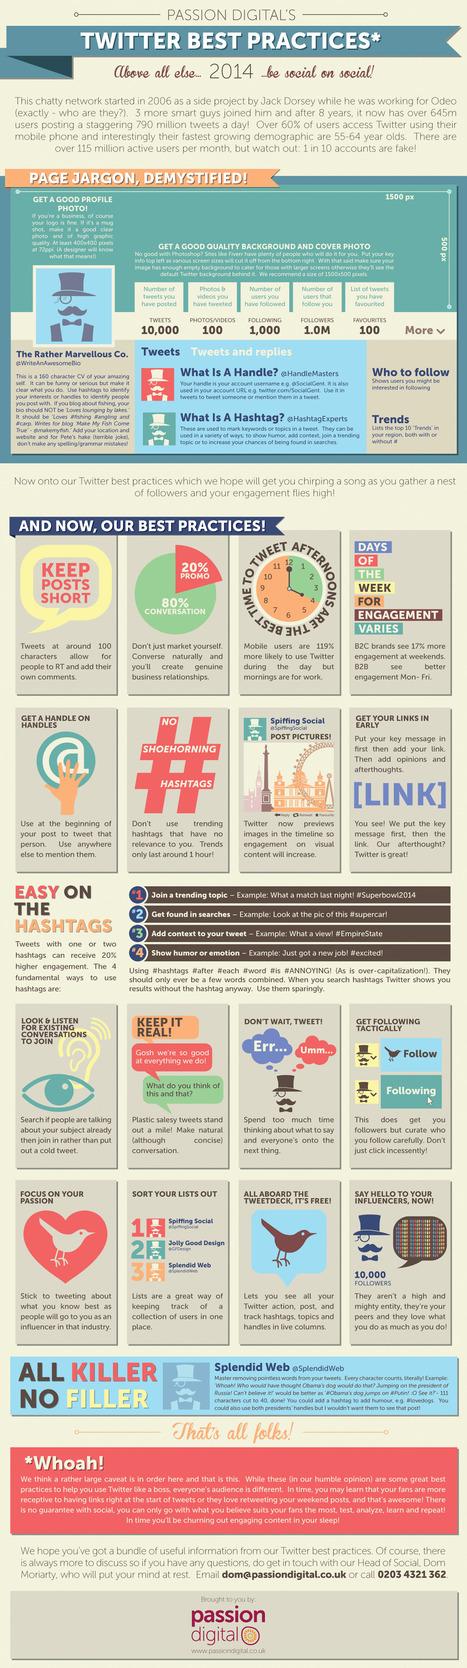 Las mejores acciones a realizar en Twitter en el 2014 [Infografía]   Aprendizaje digital   Scoop.it